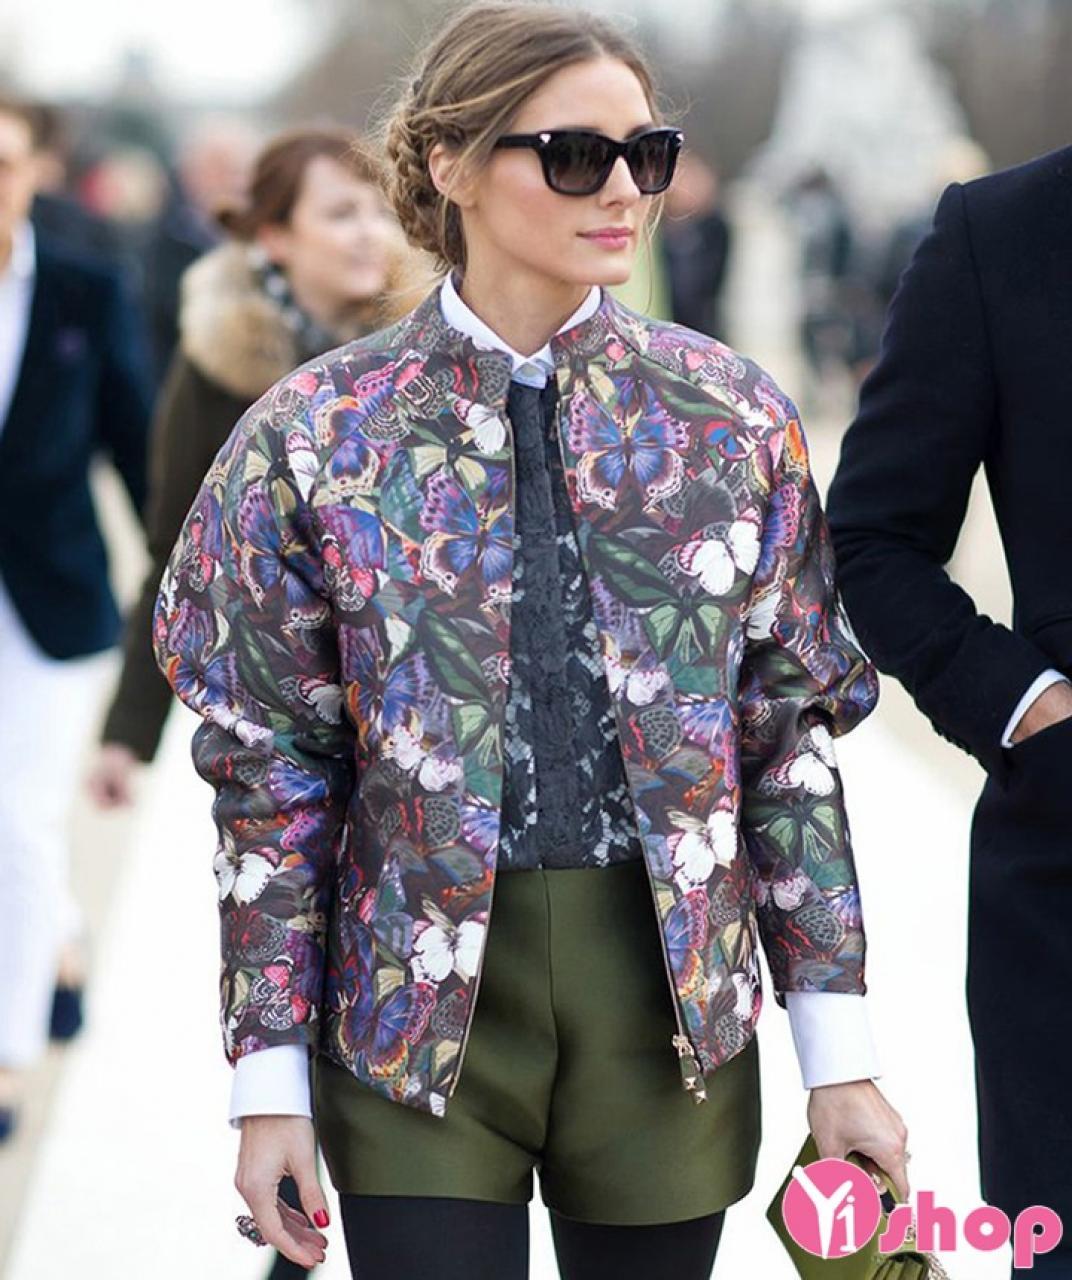 Áo khoác phao nữ họa tiết đẹp cho nàng dịu dàng dạo phố thu đông 2019